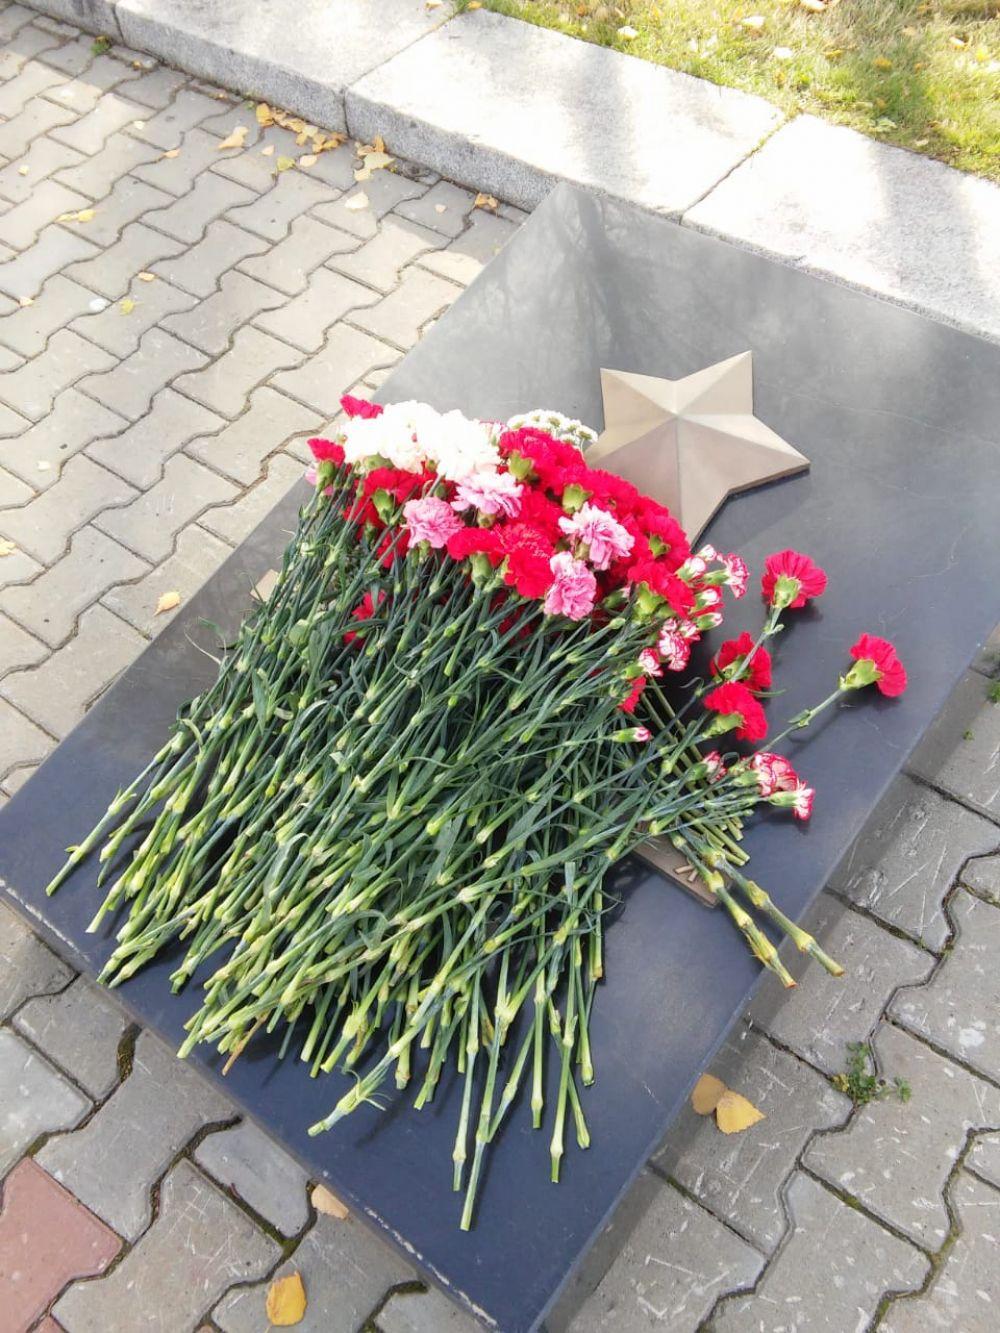 Акция памяти по погибшим в Керчи прошла в Барнауле.